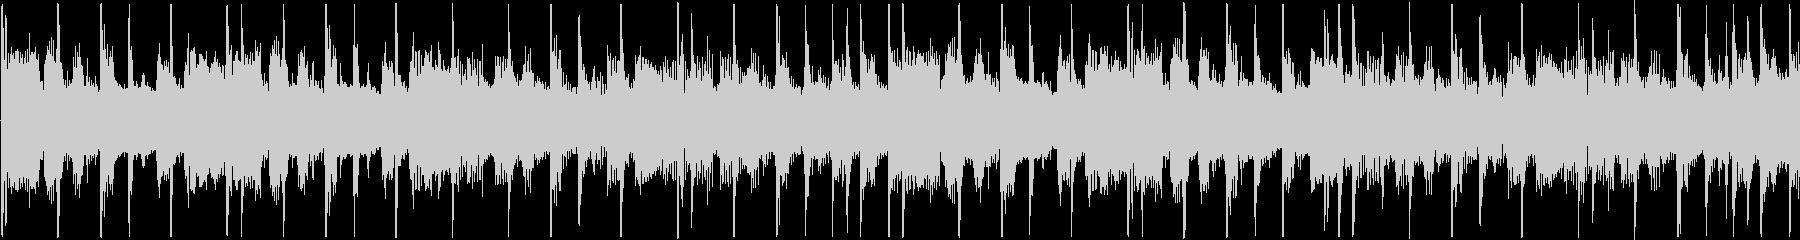 ピアノメインでシンプルな切ない曲の未再生の波形